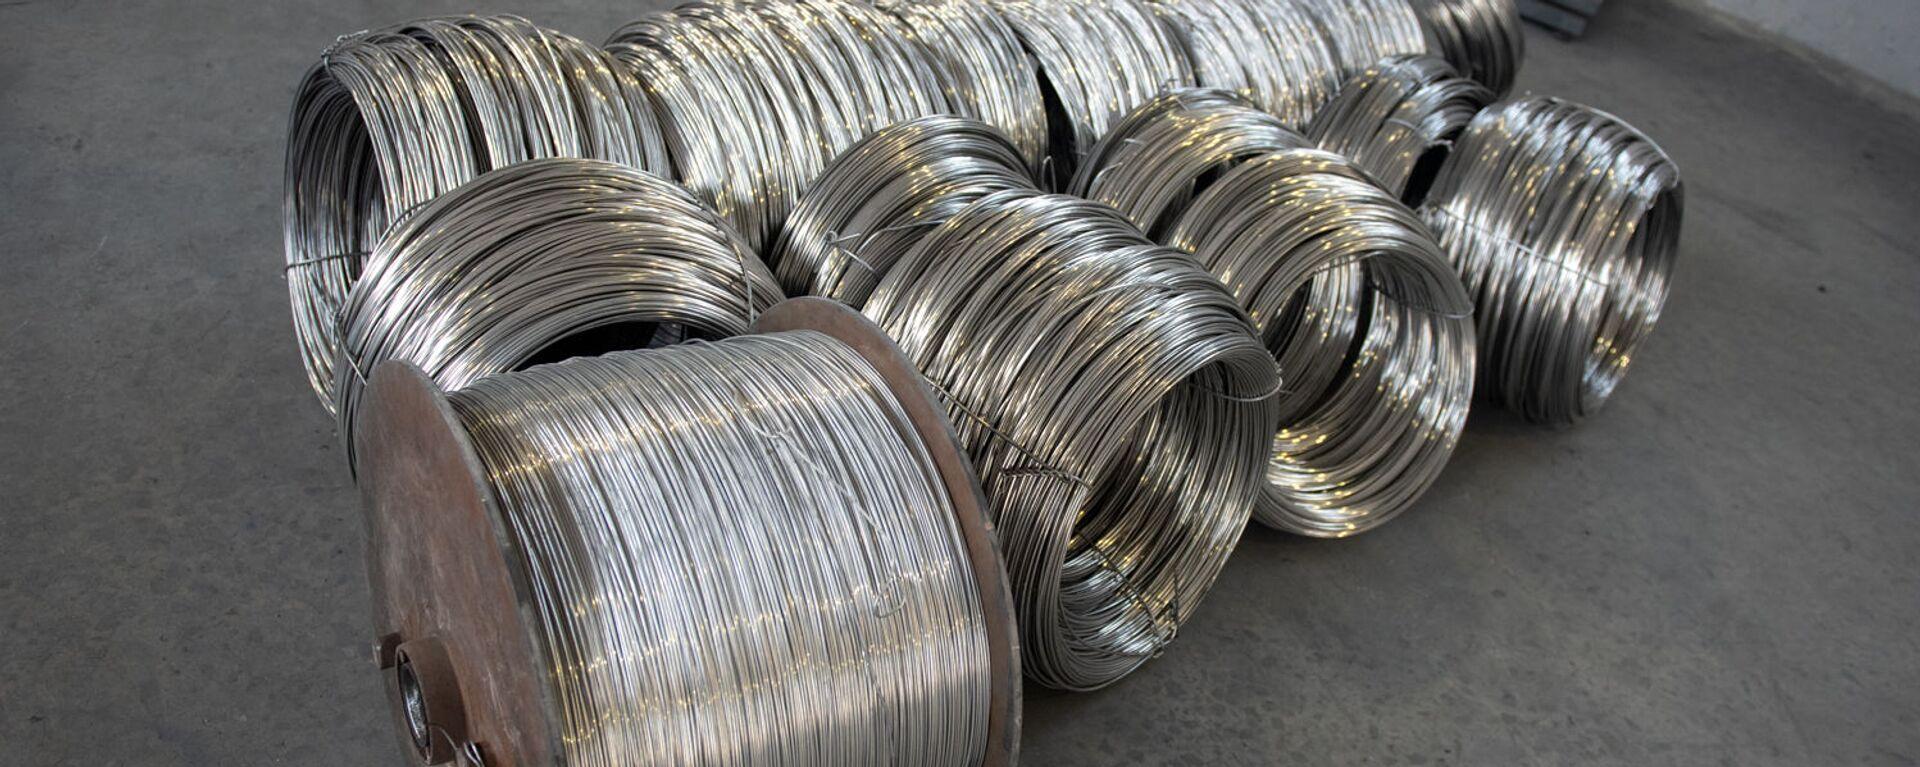 Алюминиевая проволока на кабельном заводе Ин-Ви Лайн - Sputnik Армения, 1920, 02.09.2021